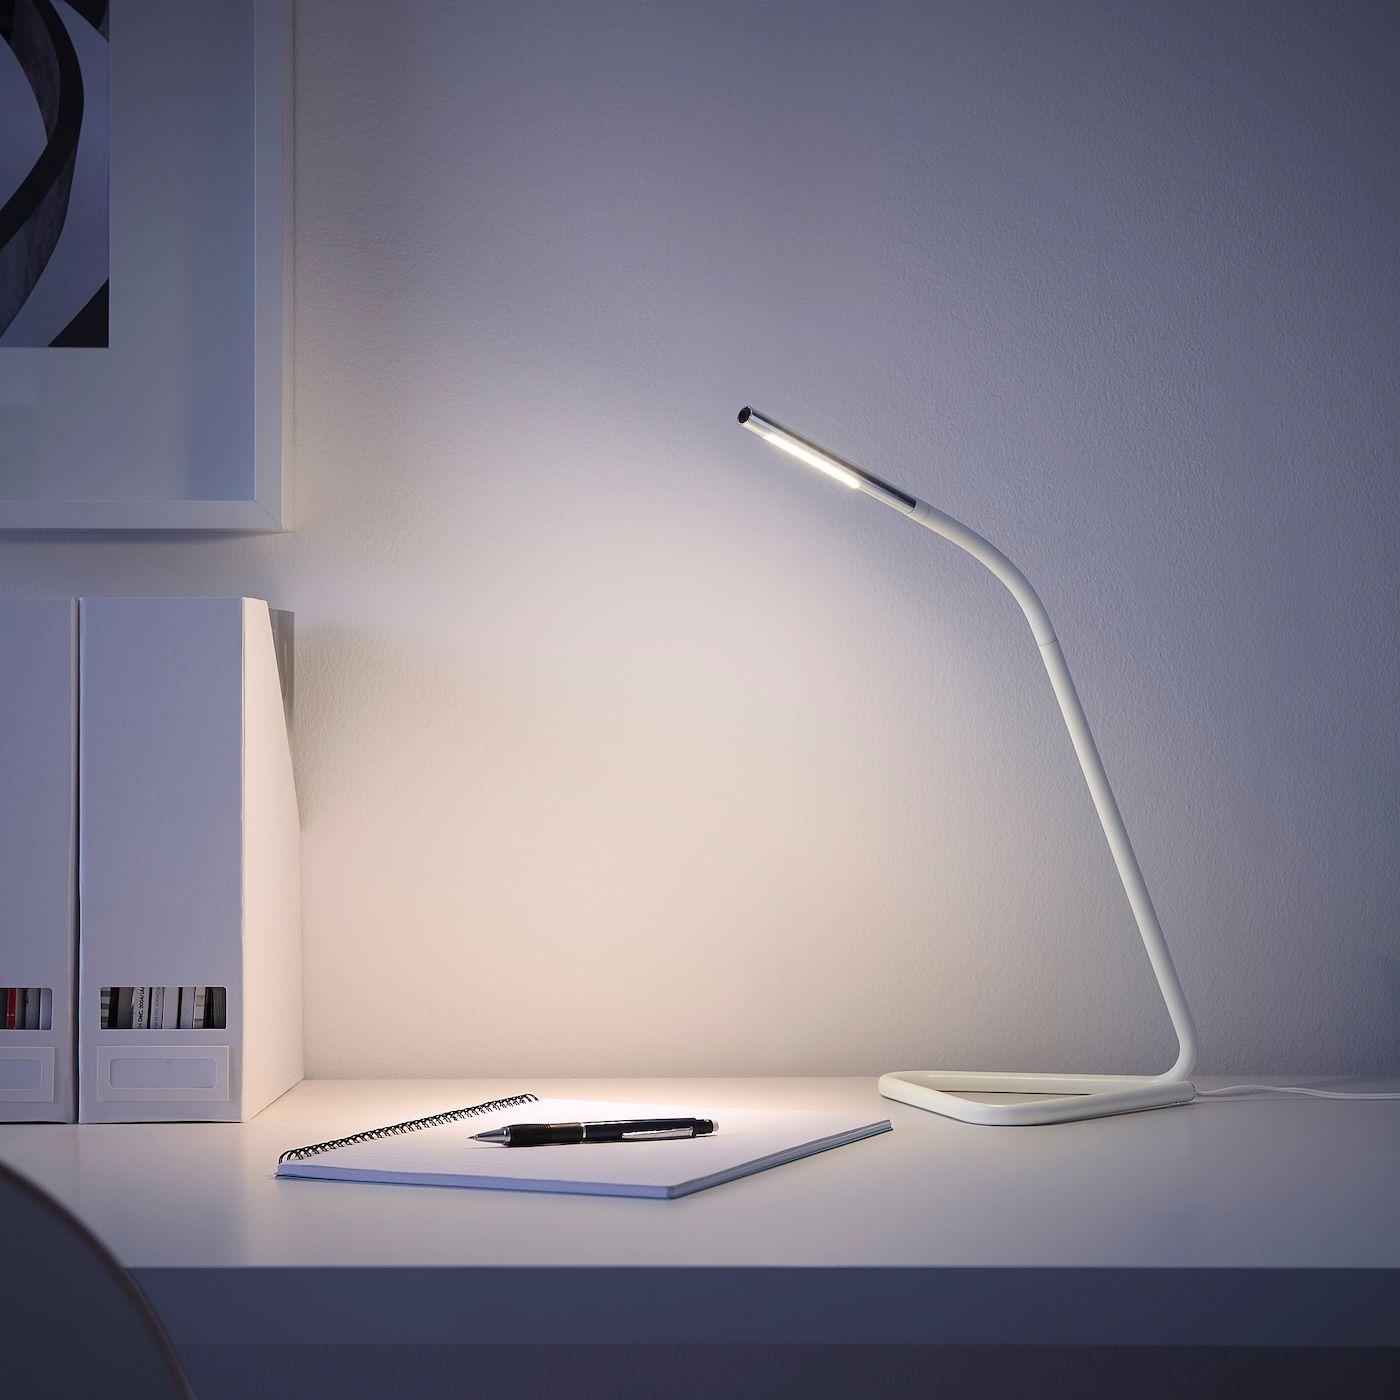 HÅRTE LED work lamp whitesilver color IKEA in 2020